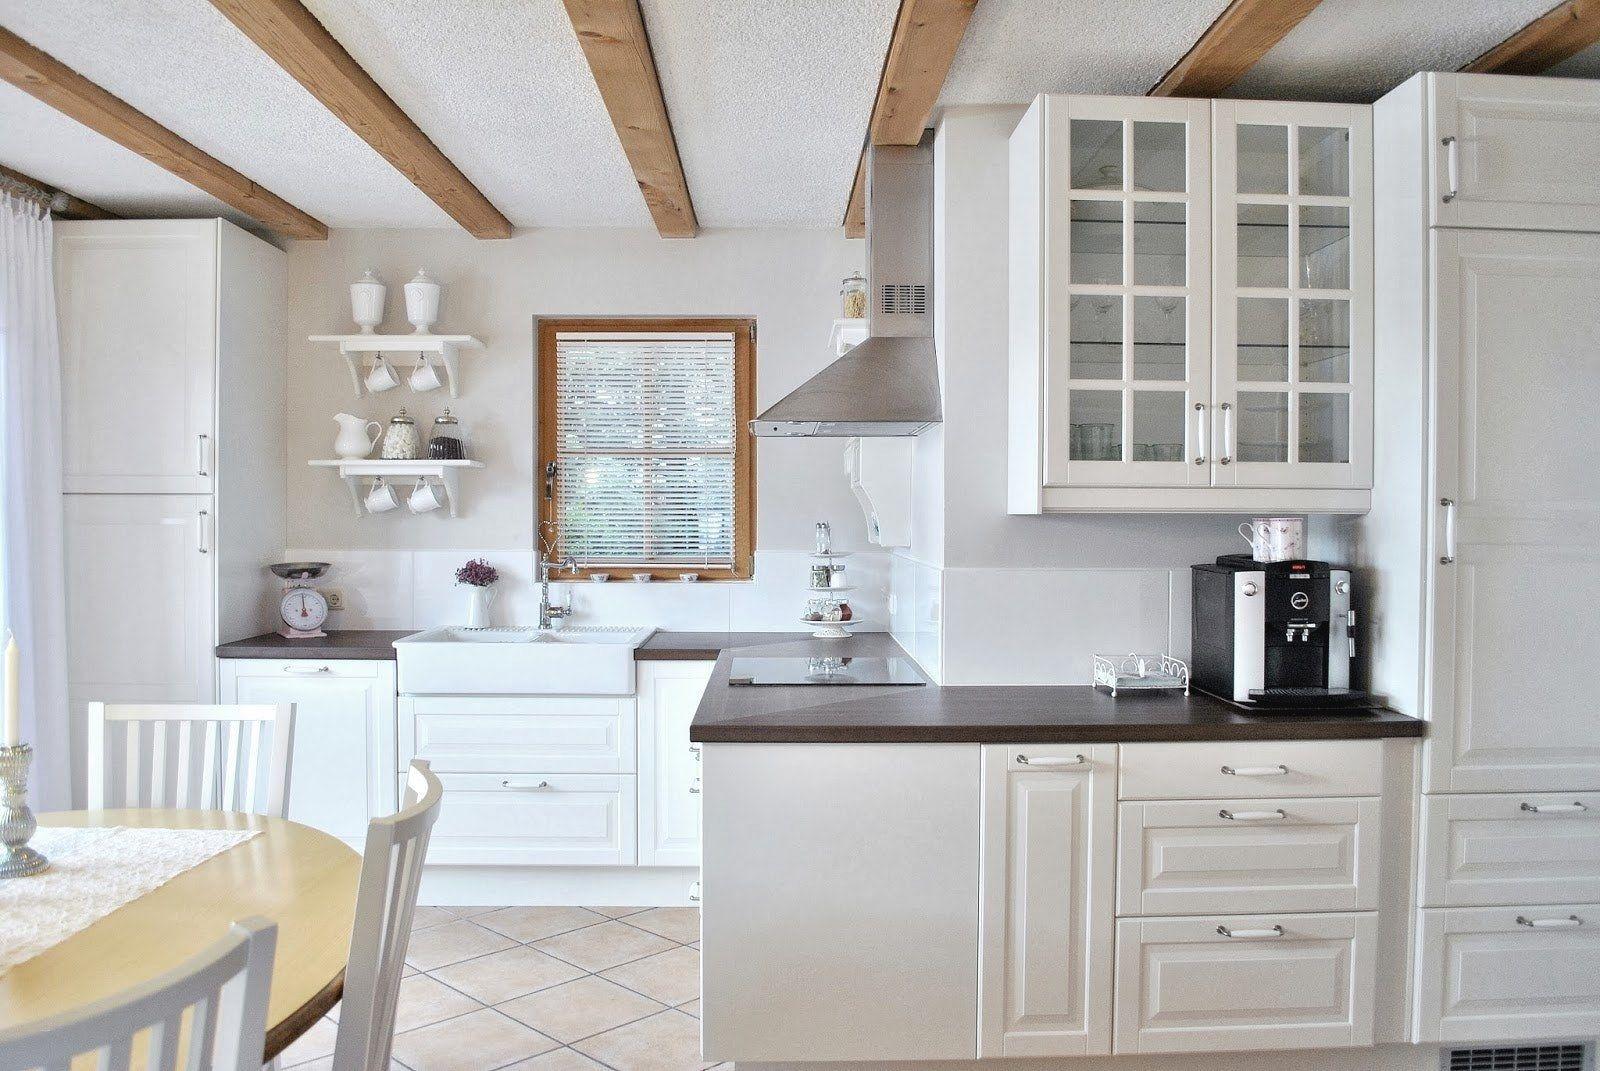 Brillant Ikea Landhausküche Weiß. Erschaffe dein gut Küche mit ...